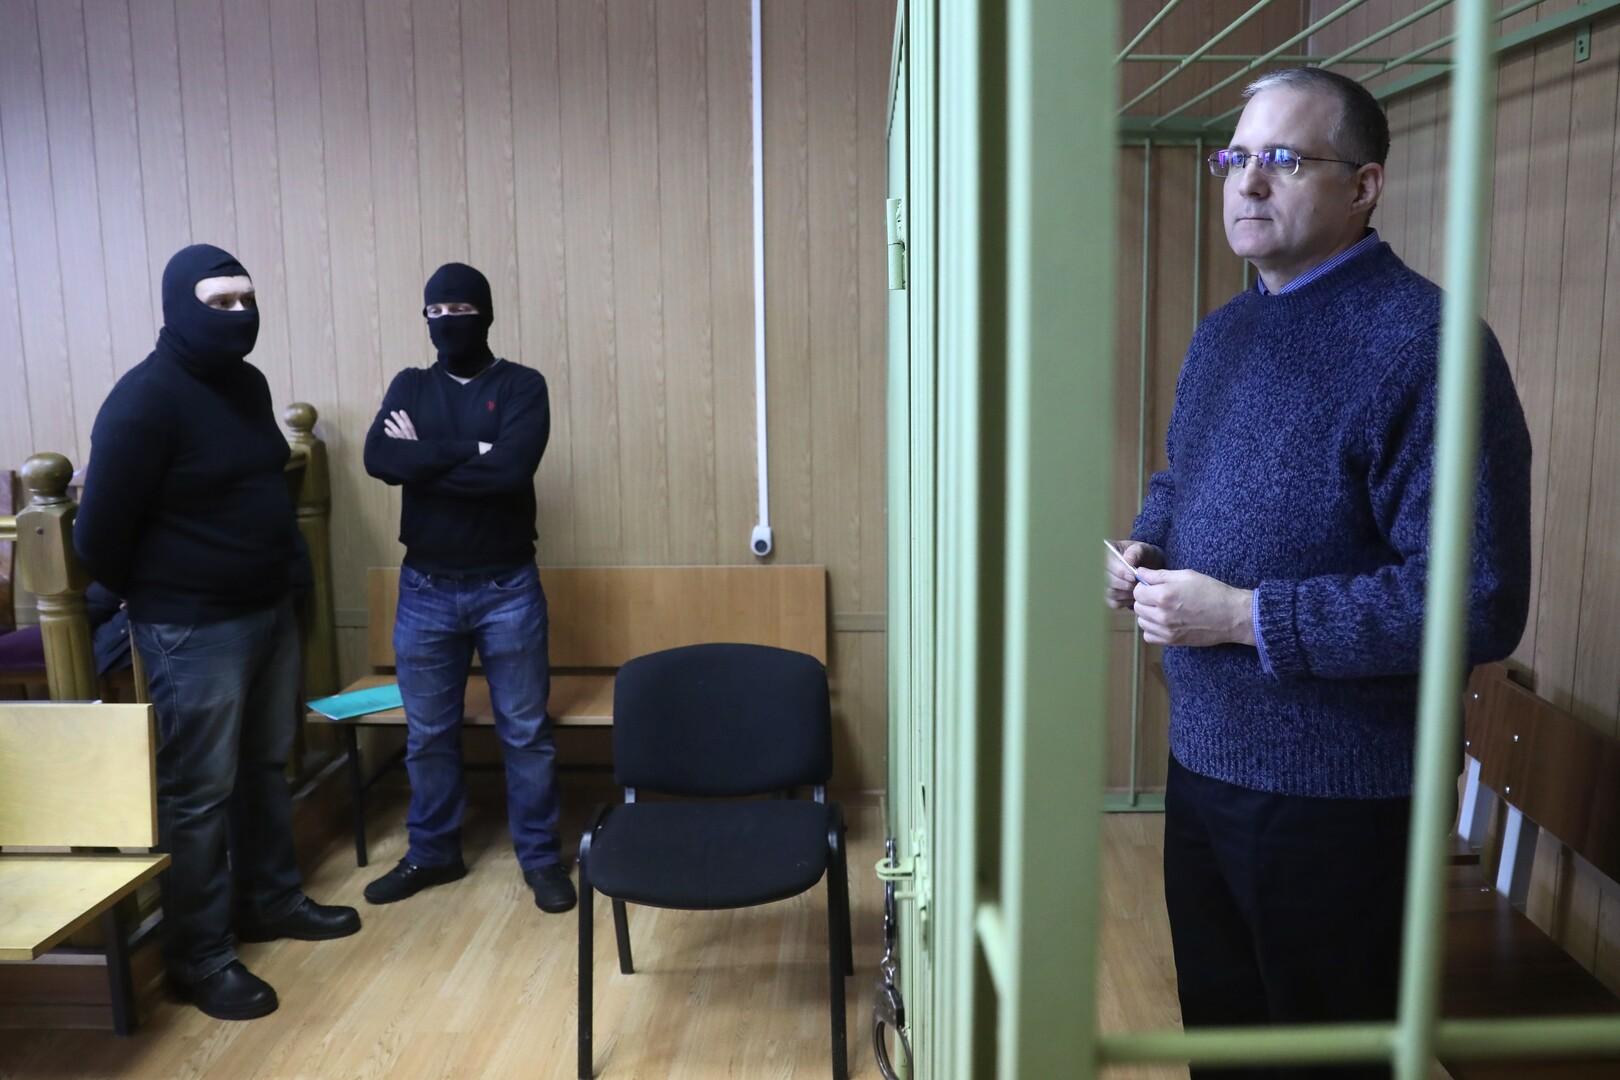 المتهم البريطاني بالتجسس في روسيا (صورة أرشيفية)